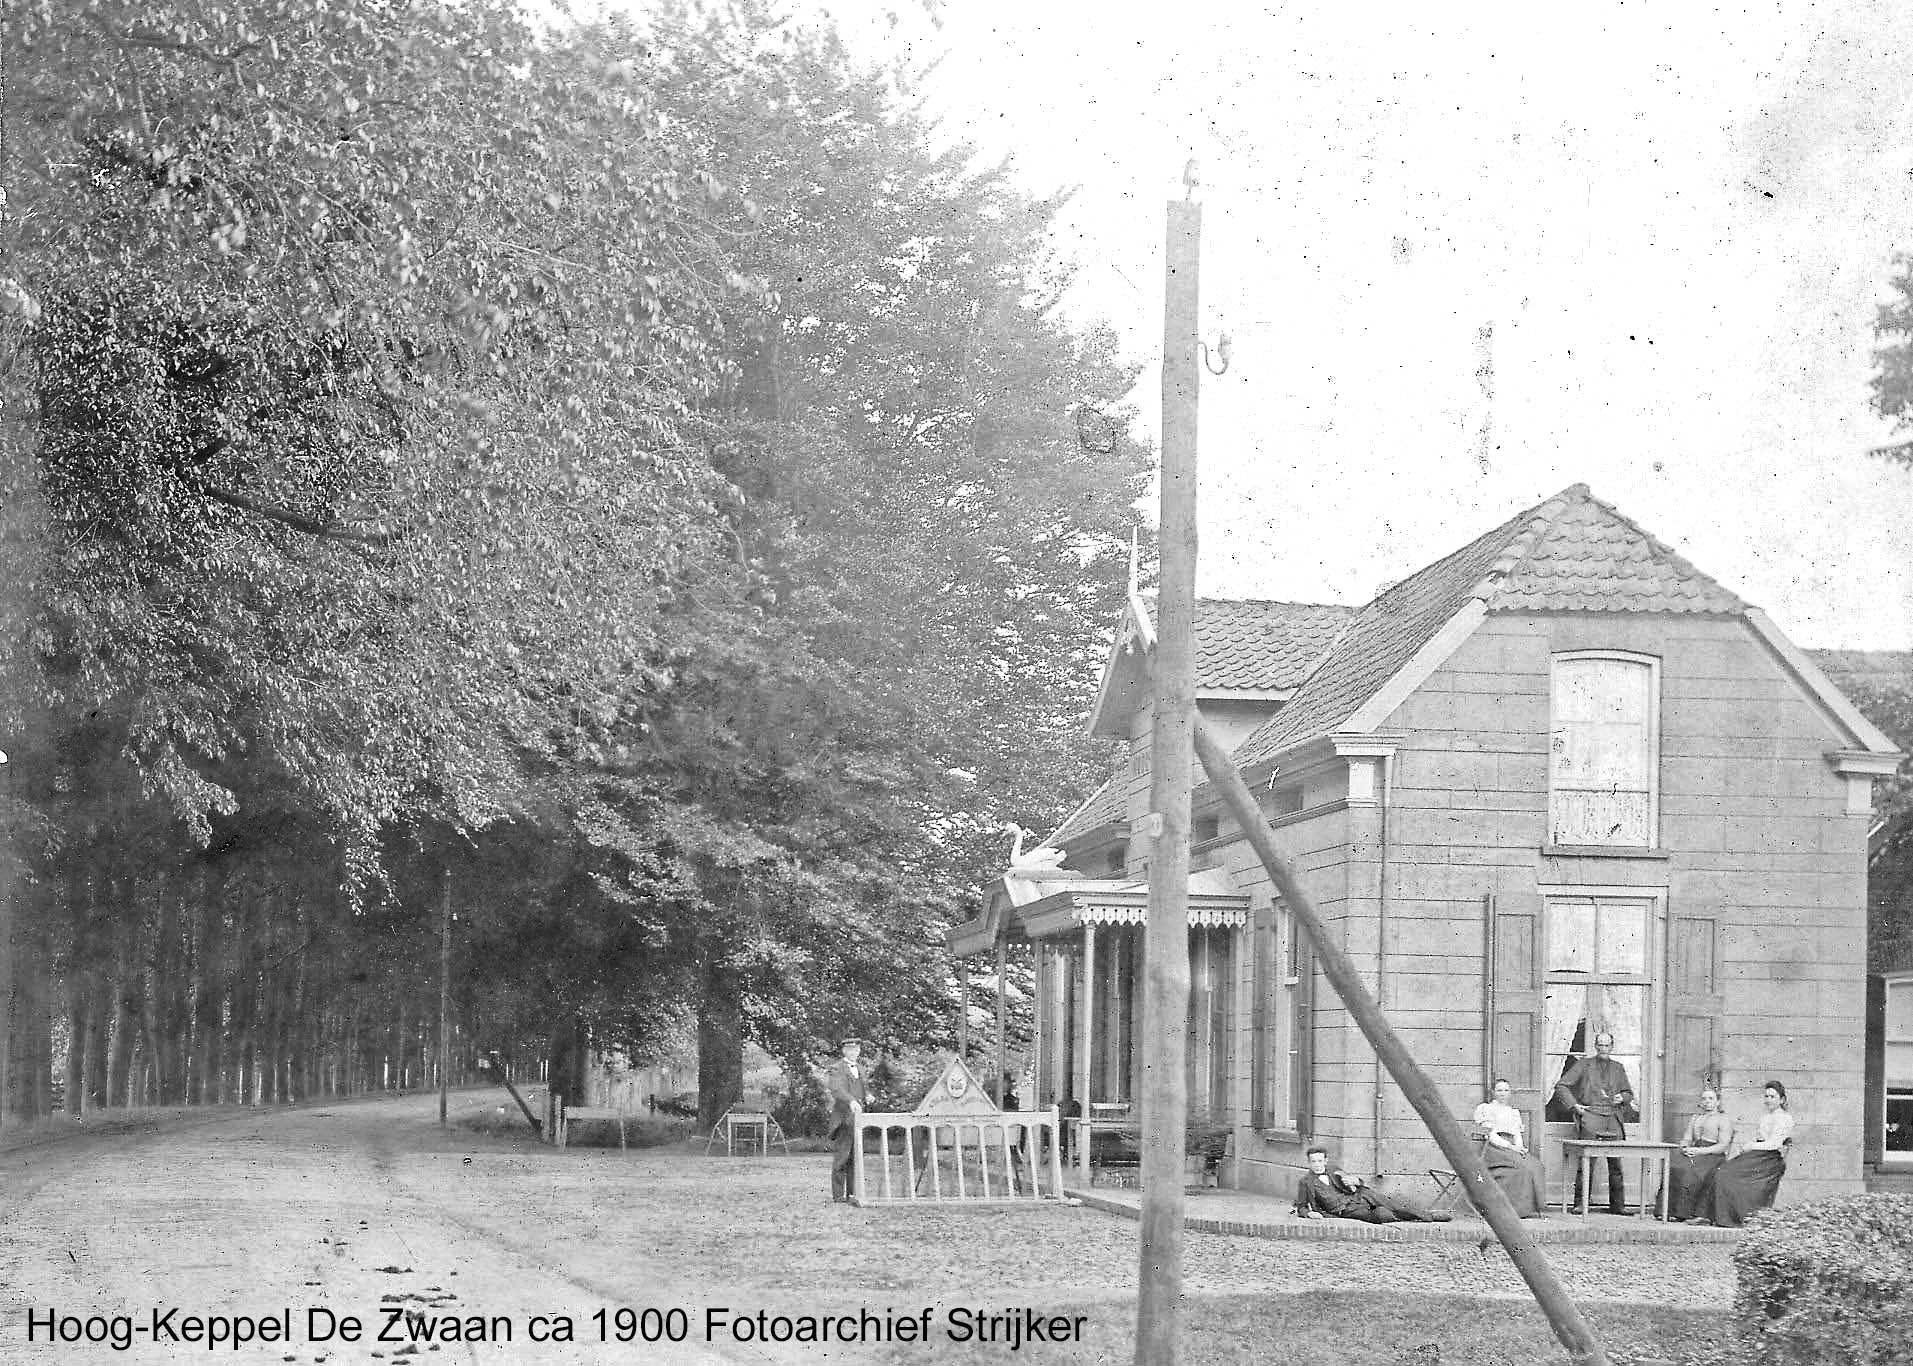 Hoog-Keppel Rijksweg 56 Dwarshuis voorheen uitspanning de Zwaan